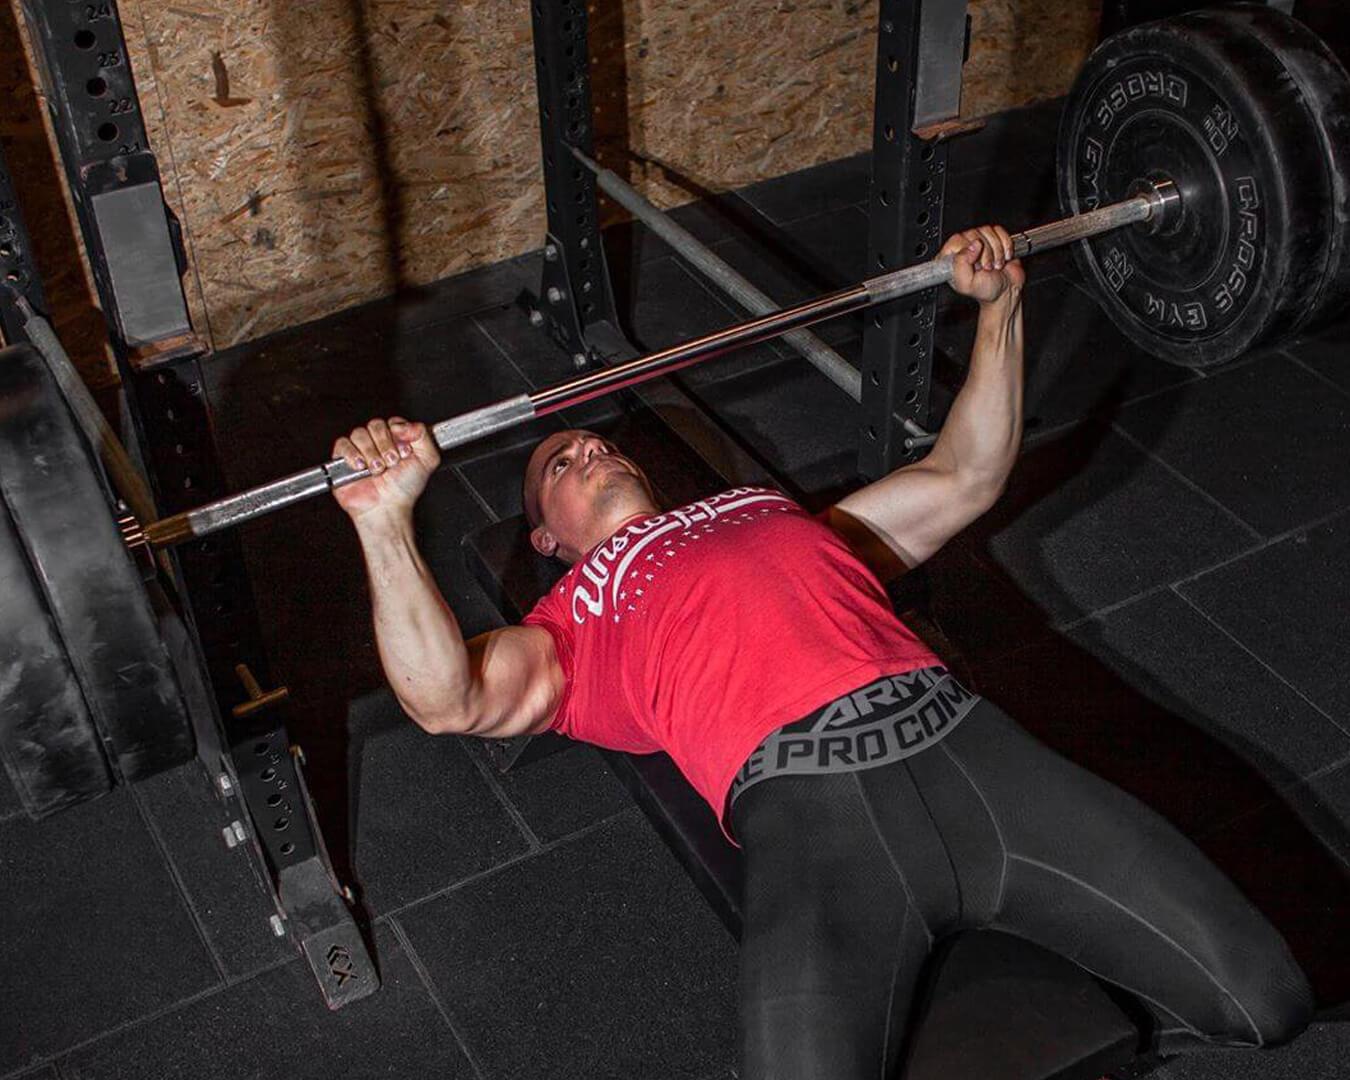 gogus-kasi-gelistirme-bench-press-firat-balkaya-training